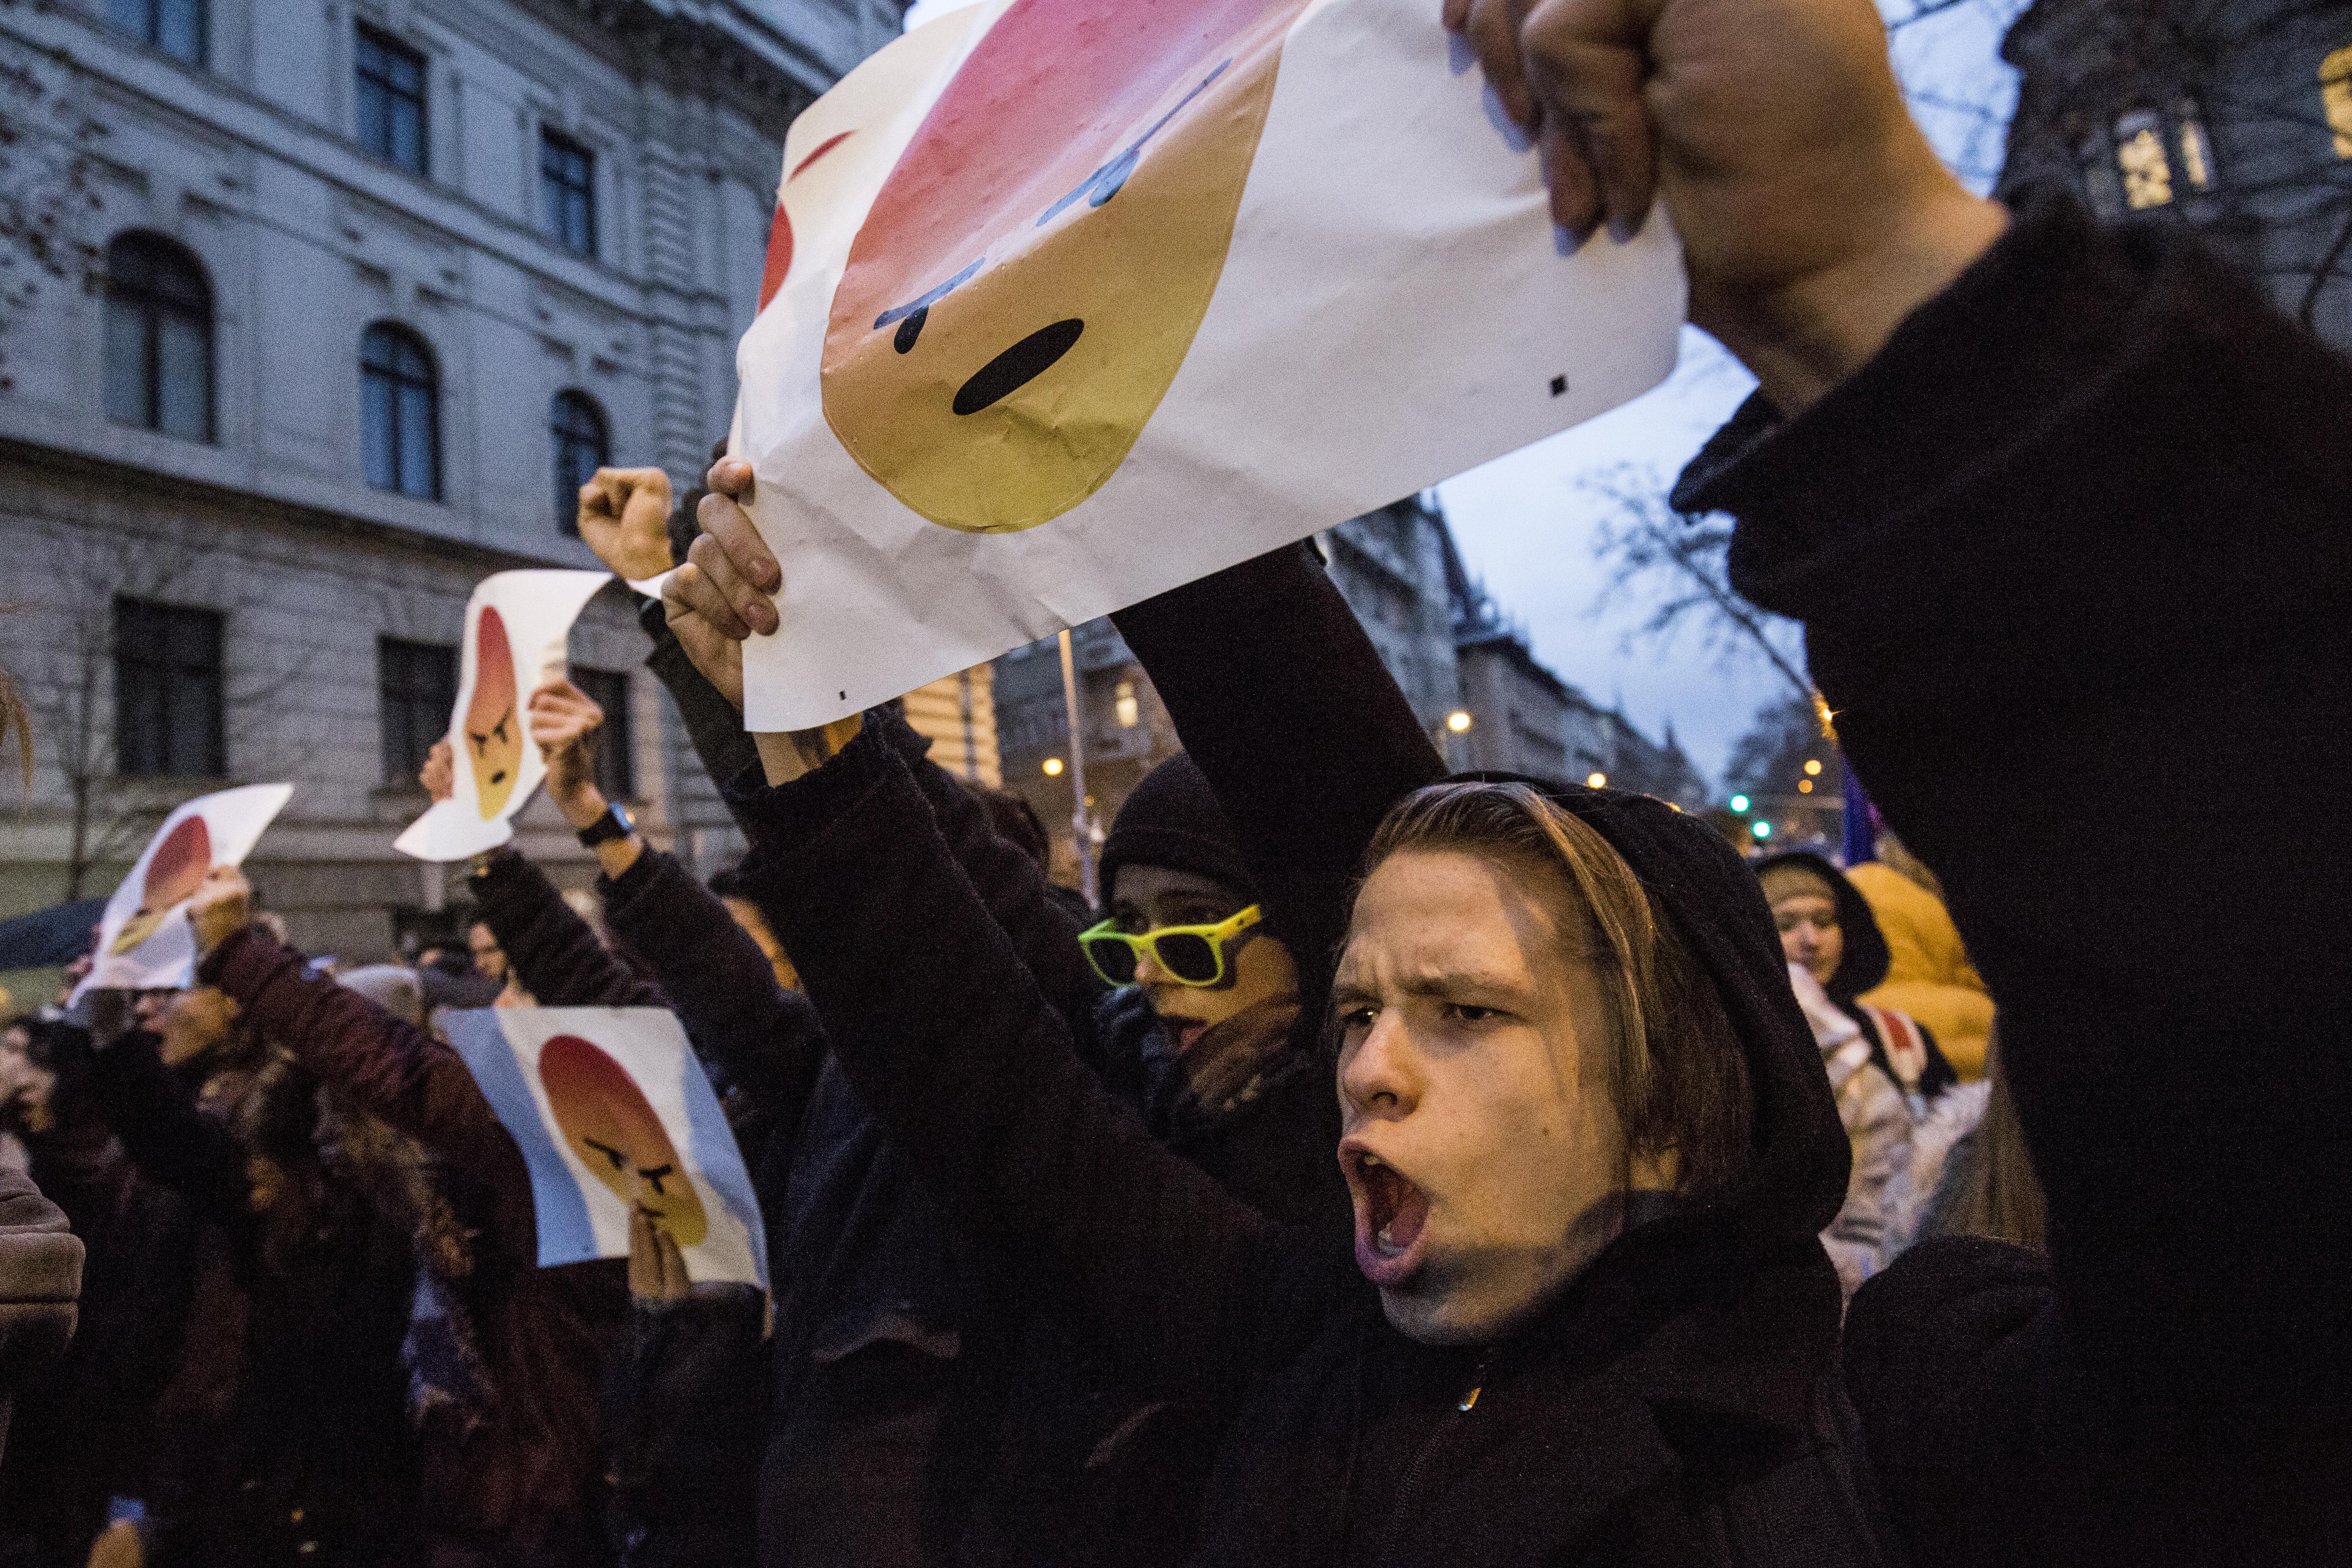 Több problémás magyar ügyet is bírált az EP kulturális és oktatásügyi bizottsága